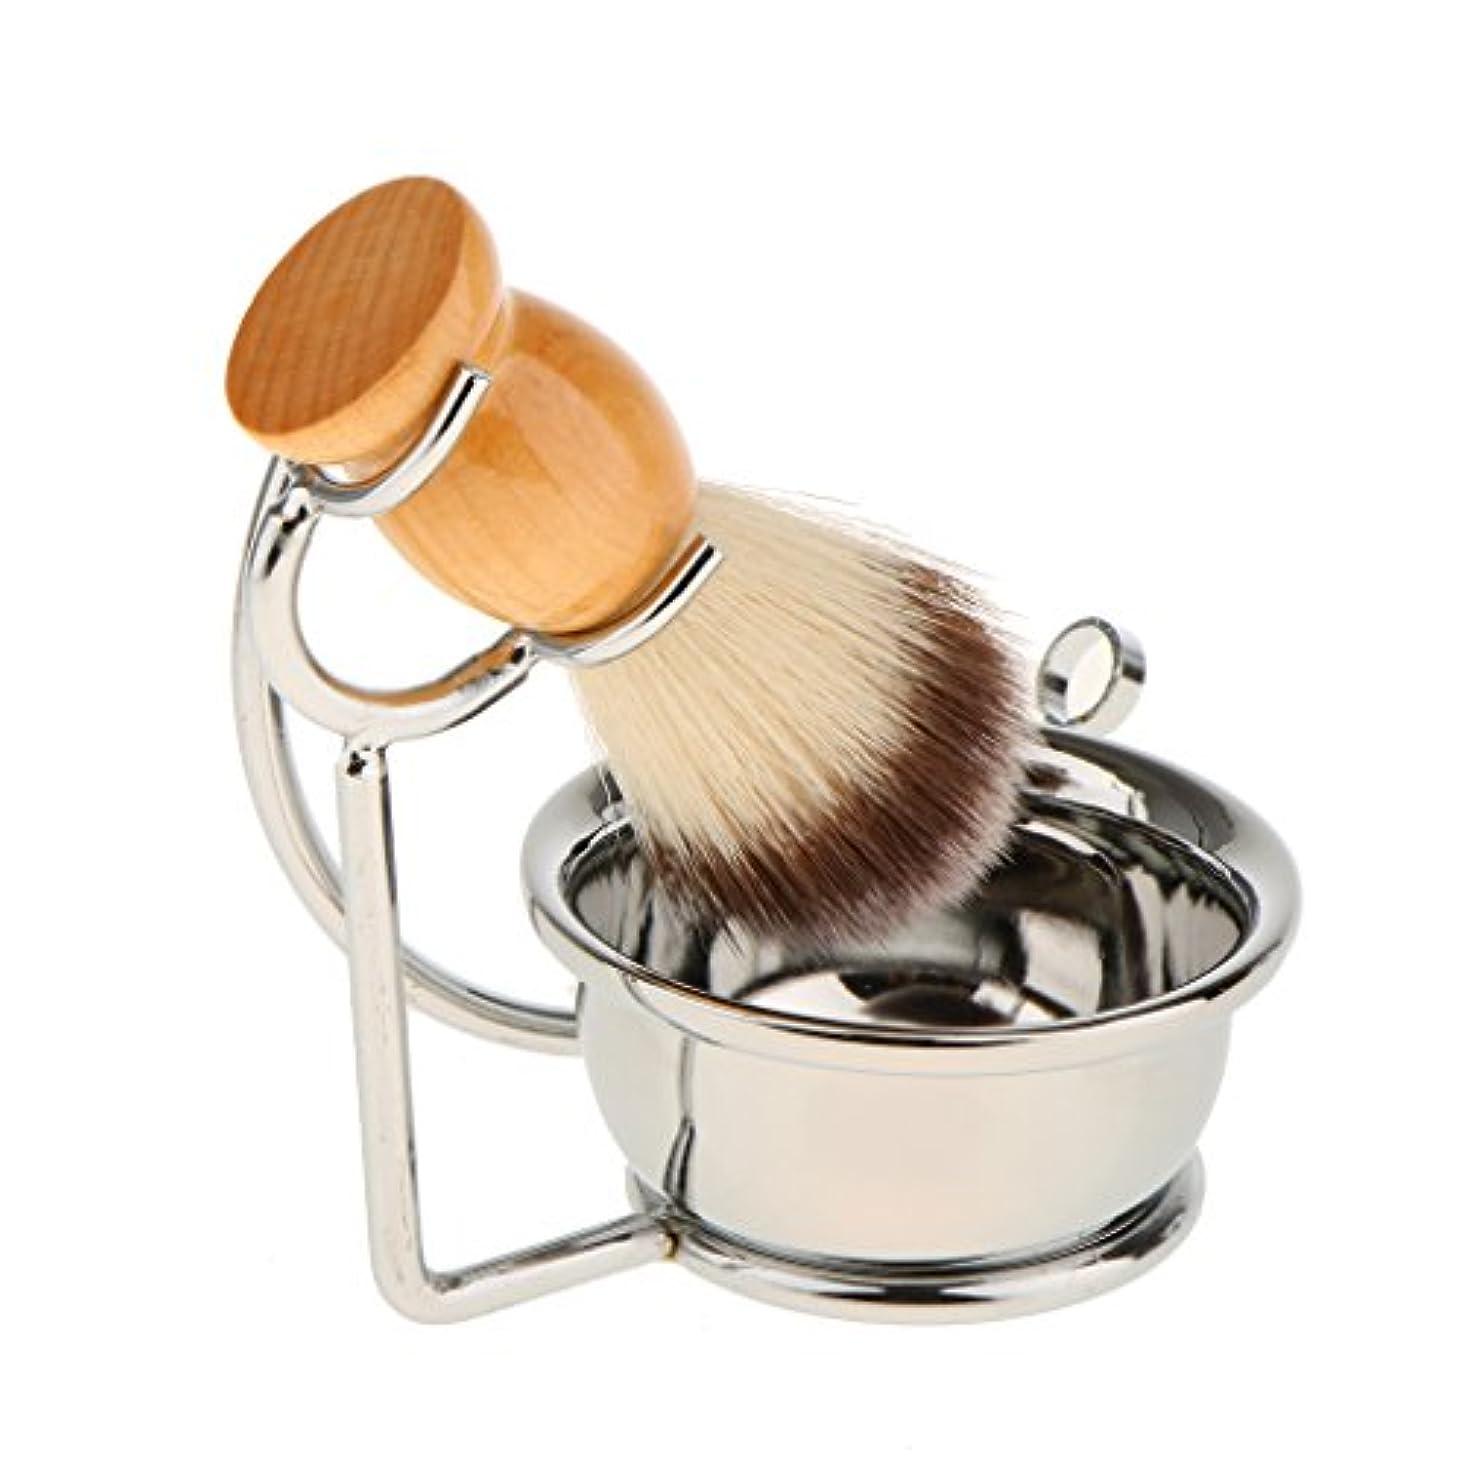 保護する時制持つPerfk 人気 シェービングブラシ 石鹸マグカップ シェービングスタンドホルダー セット 男性用 贈り物